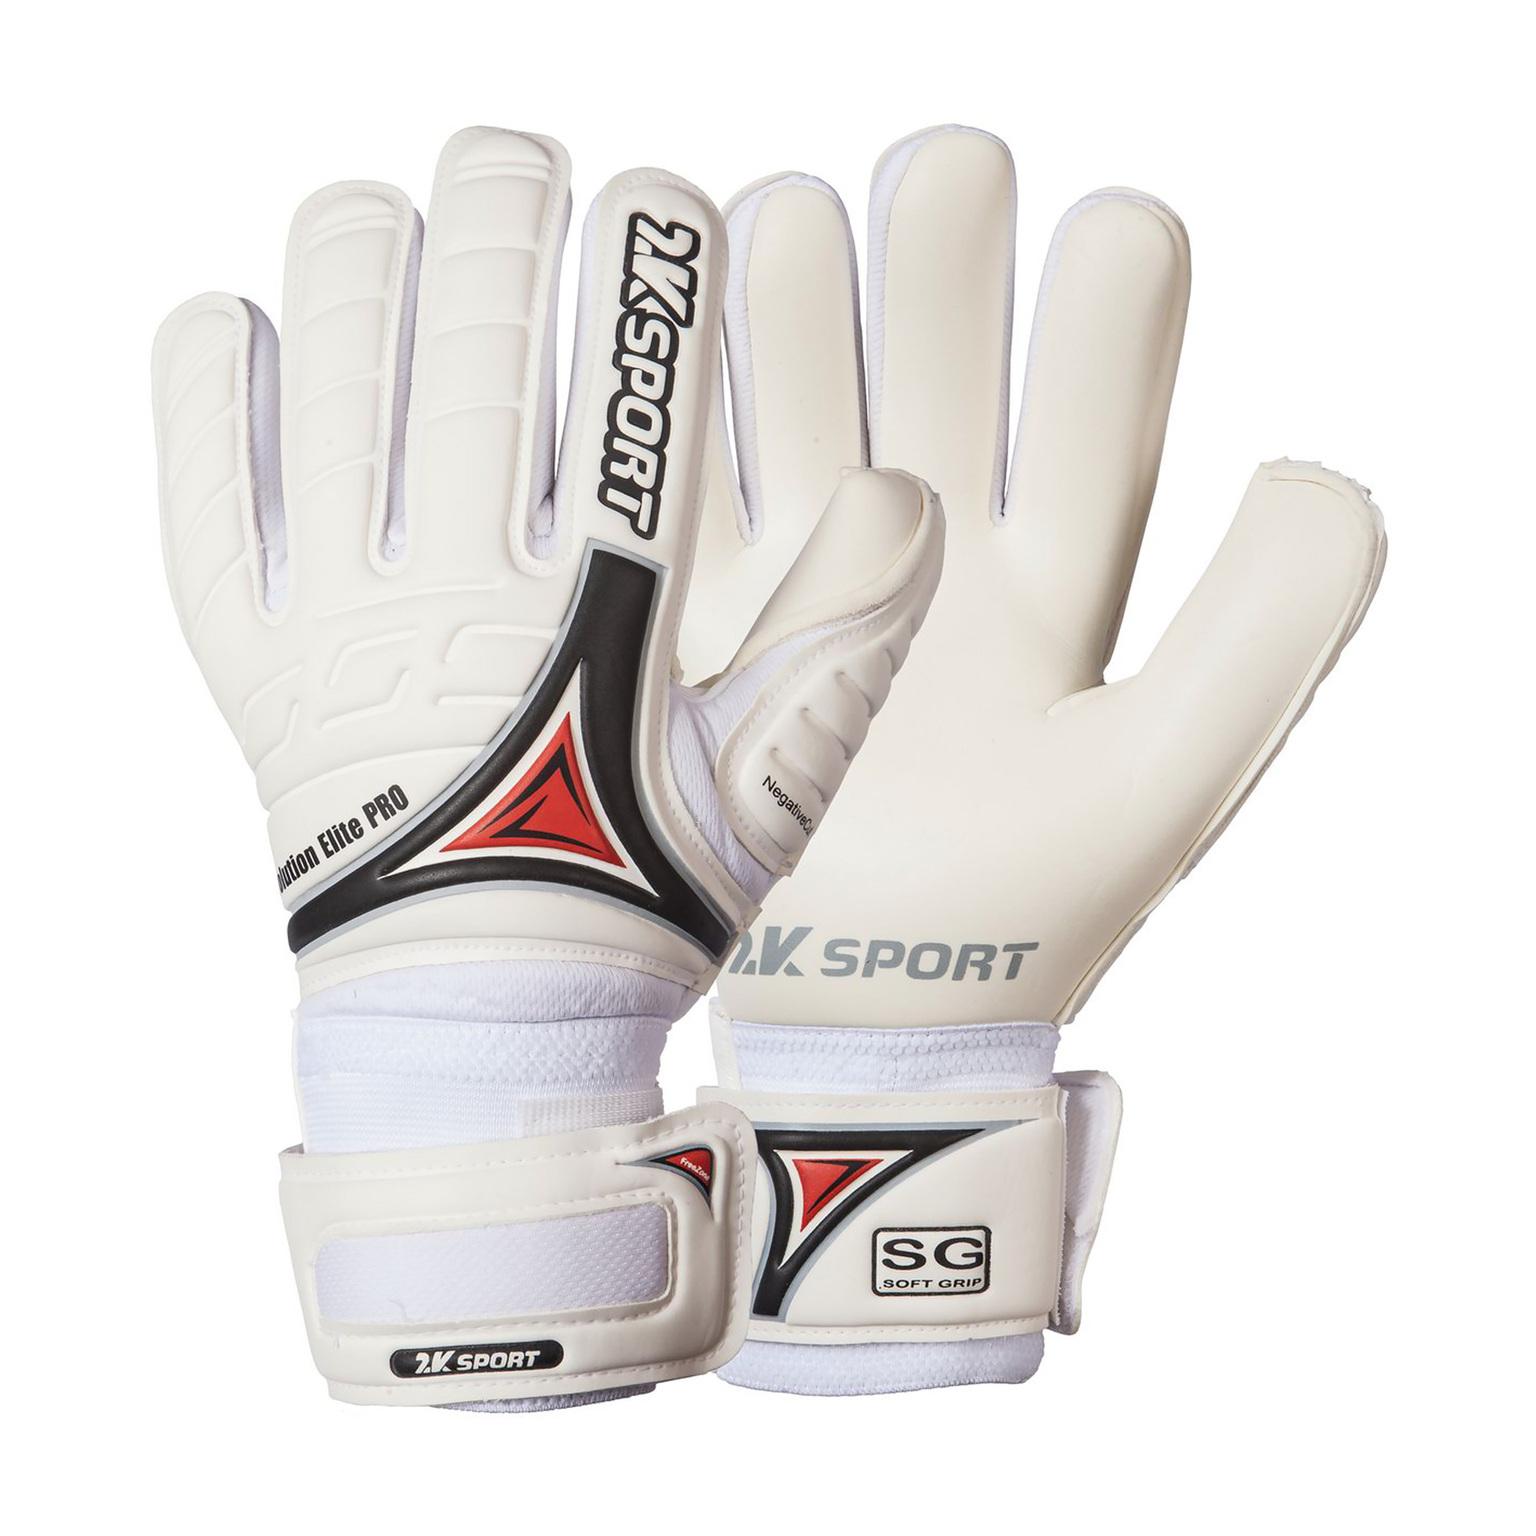 купить Перчатки вратарские 2K Sport Evolution Elite Pro 124917 дешево